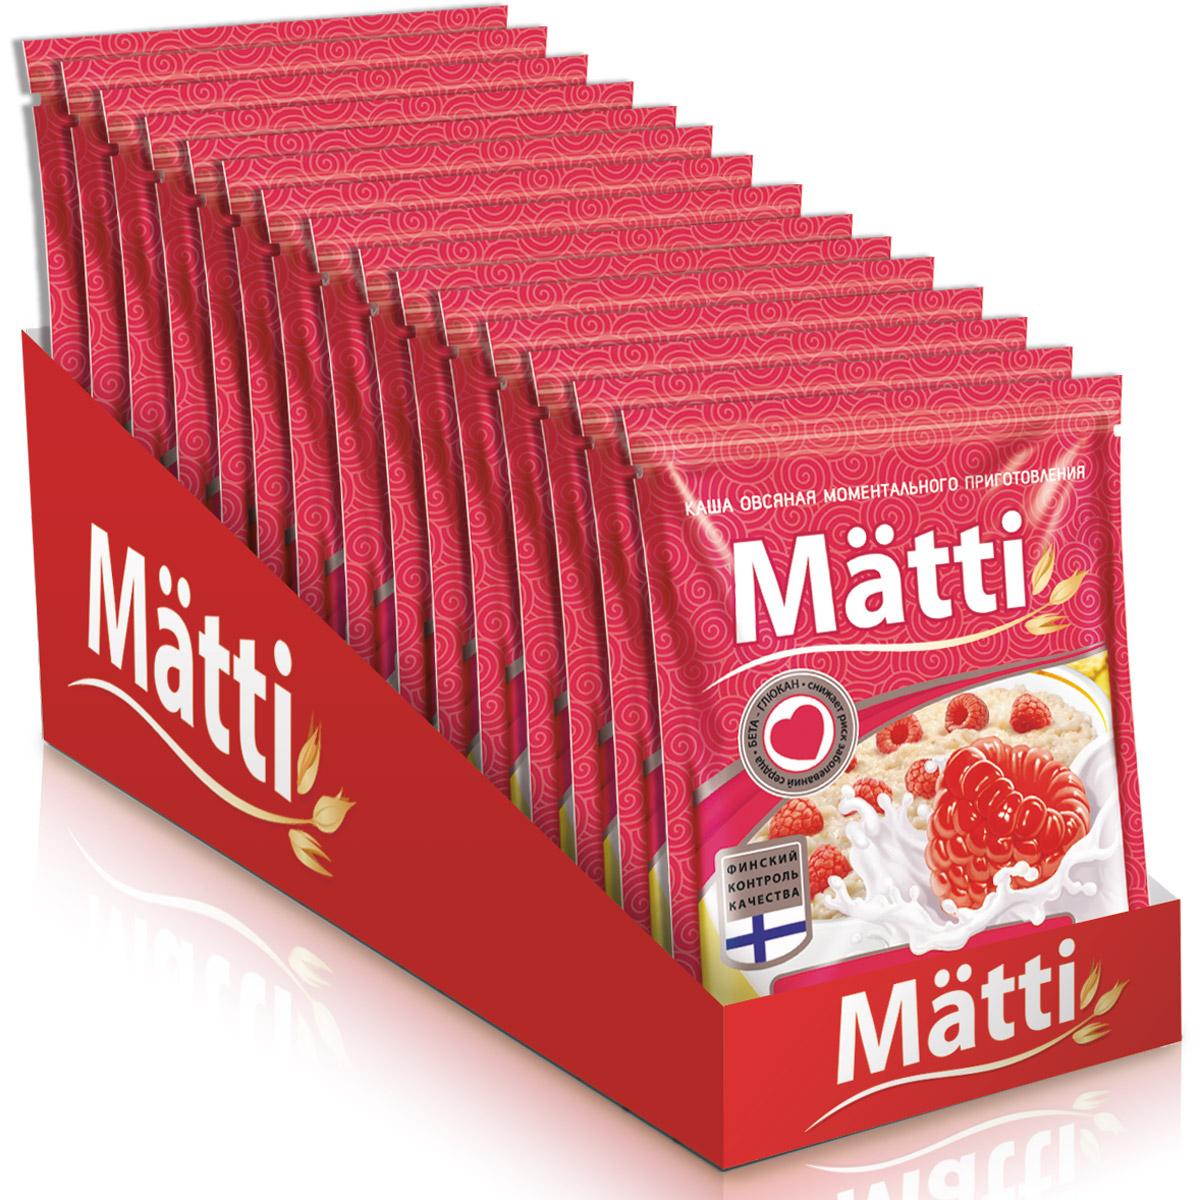 Matti каша малина со сливками, 15 шт по 40 г